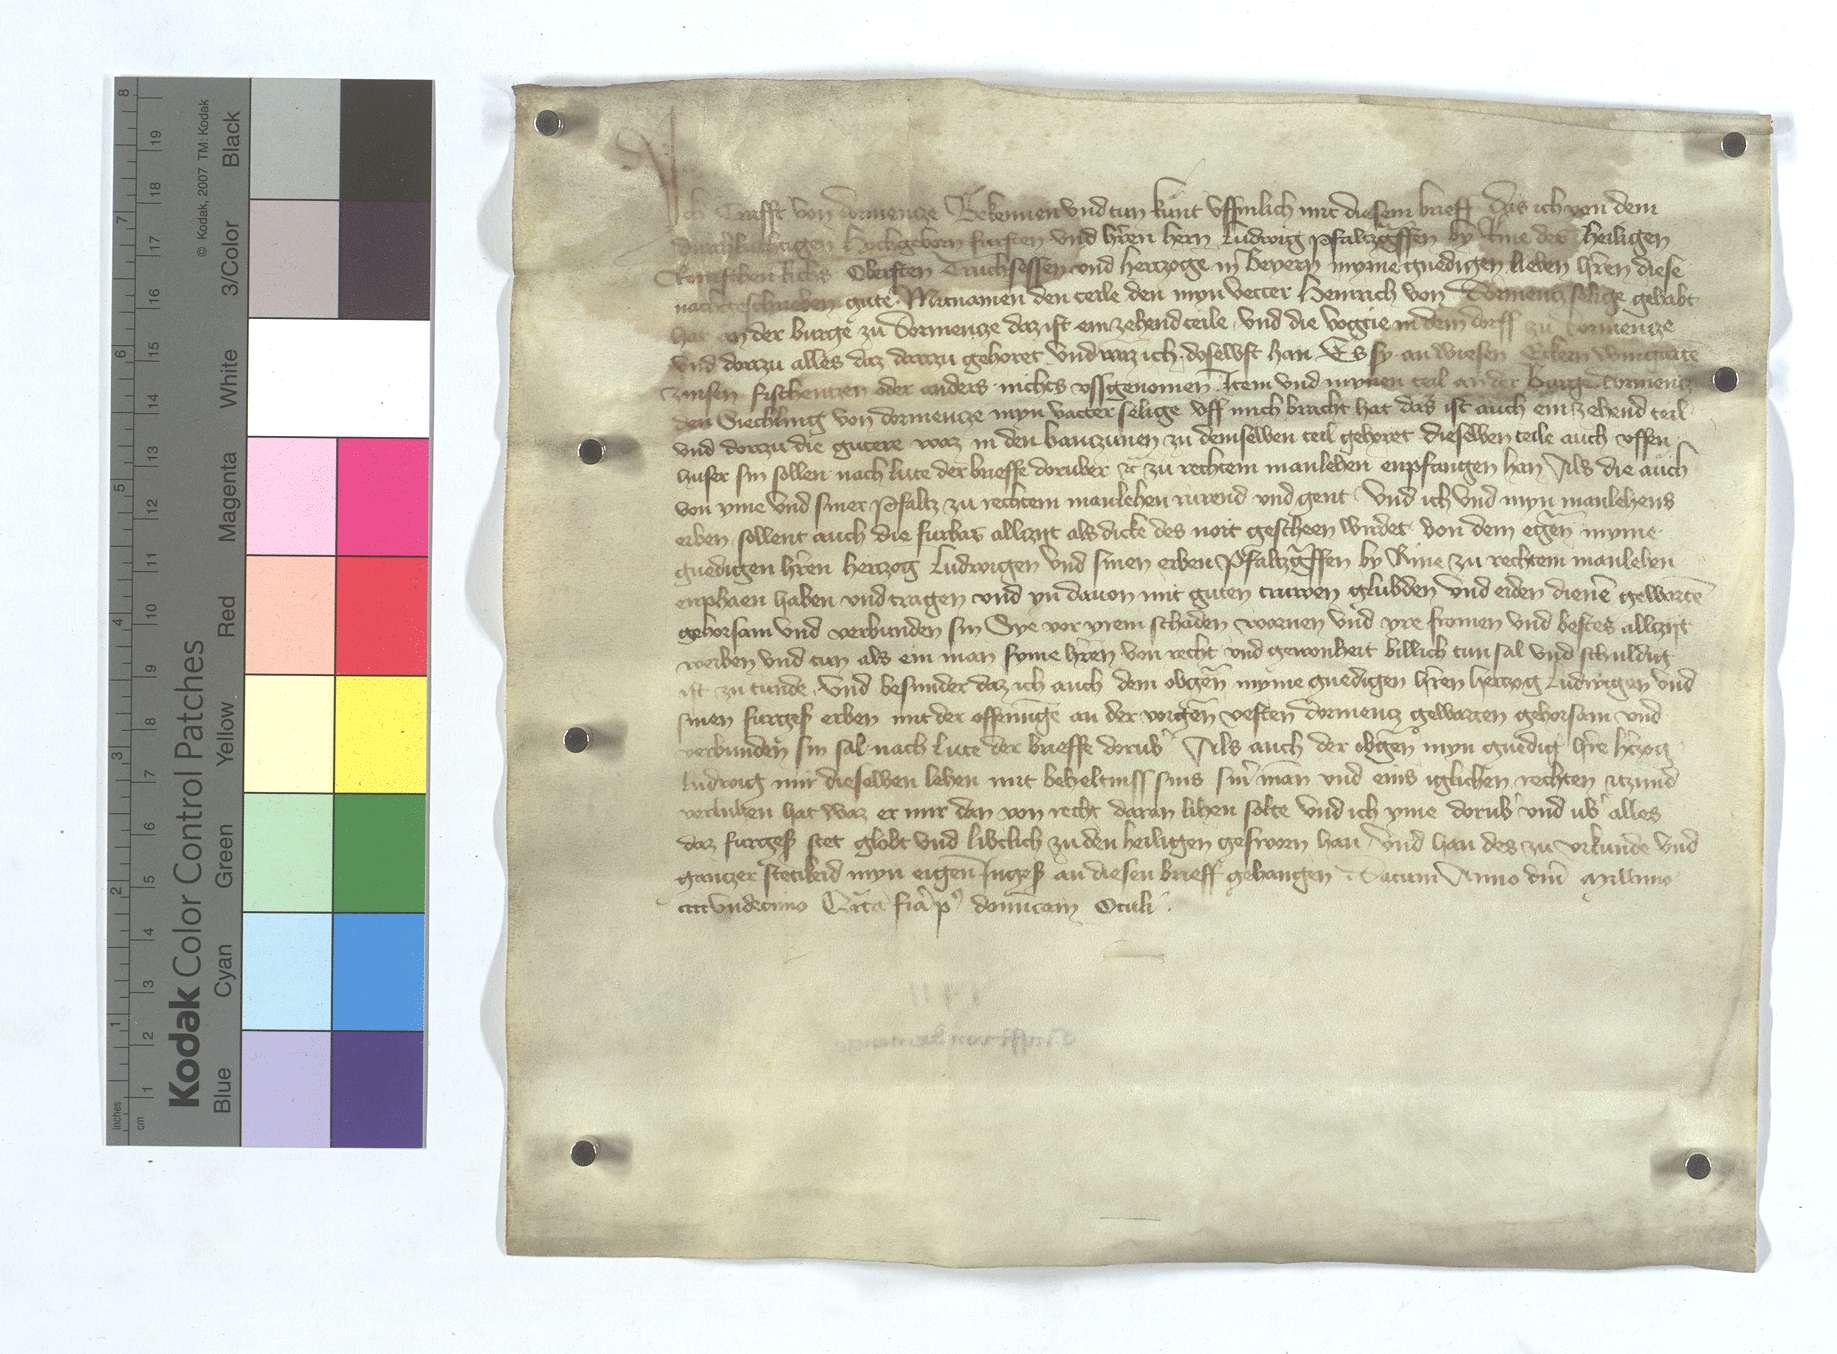 Craft von Dürrmenz stellt dem Pfalzgrafen Ludwig bei Rhein über seinen Anteil an der Burg in Dürrmenz mit Zugehörden einen Lehensbrief aus., Text